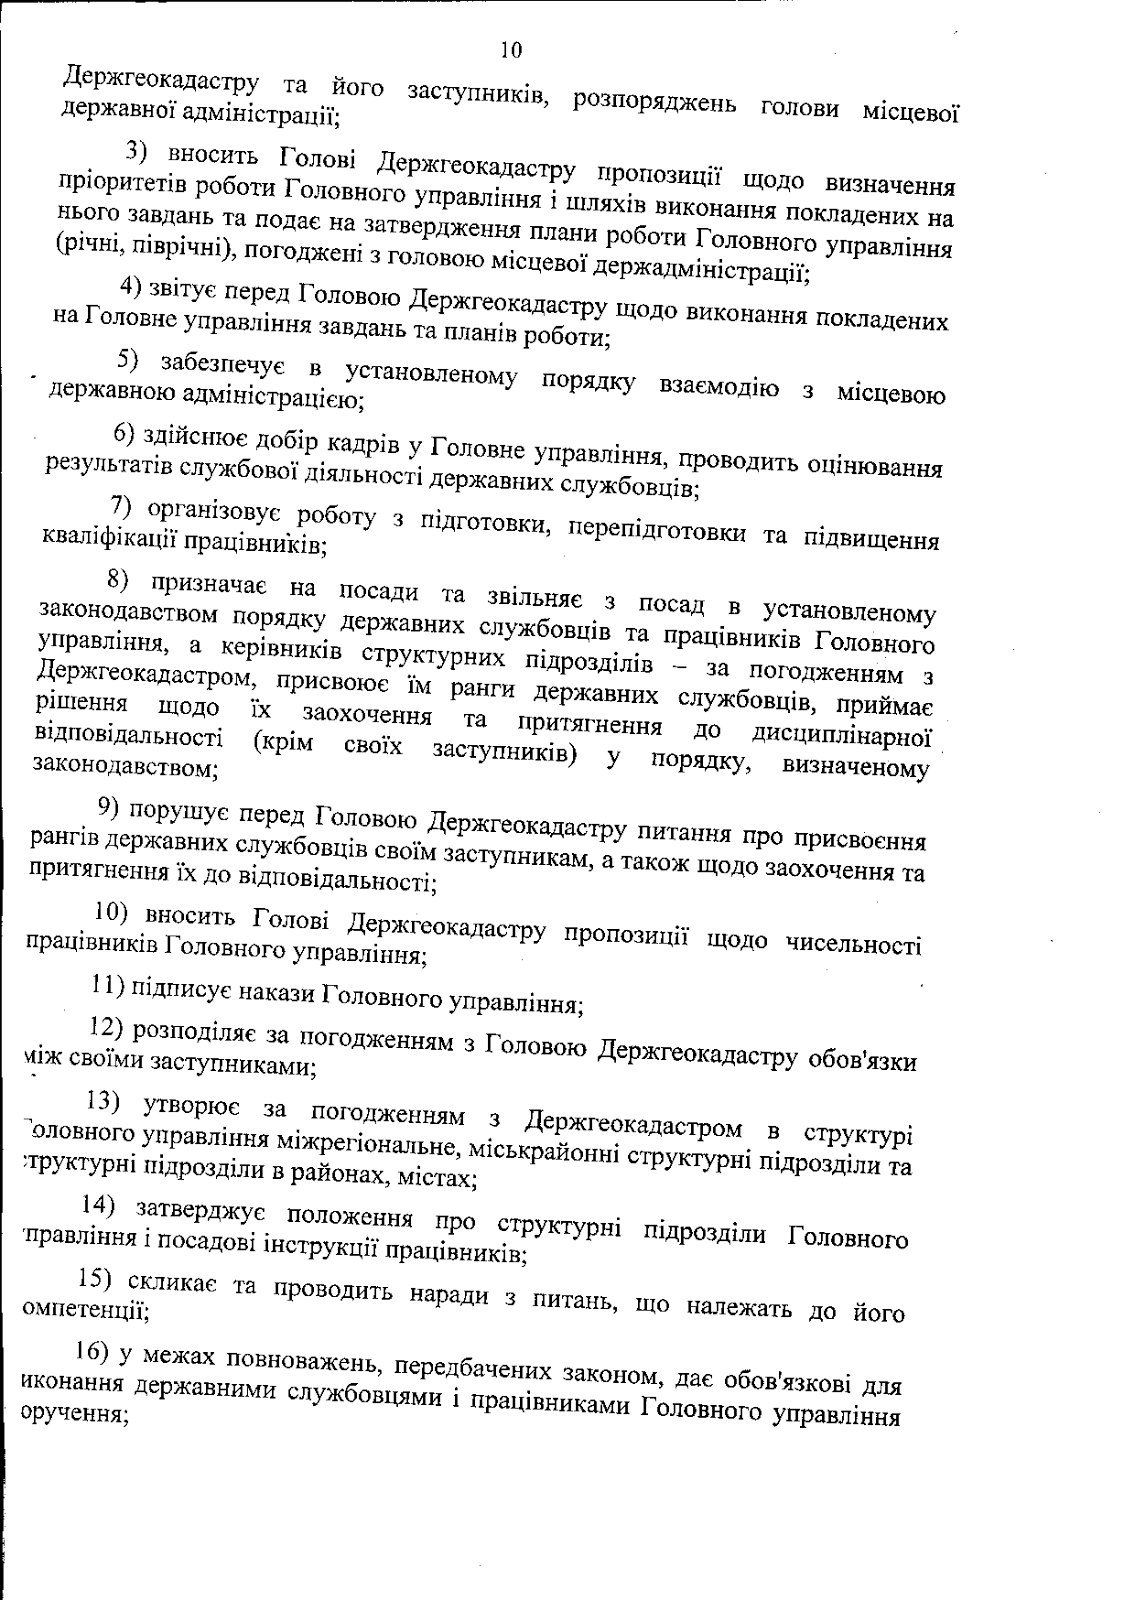 Положення про Головне управління Держгеокадастру у Миколаївській області